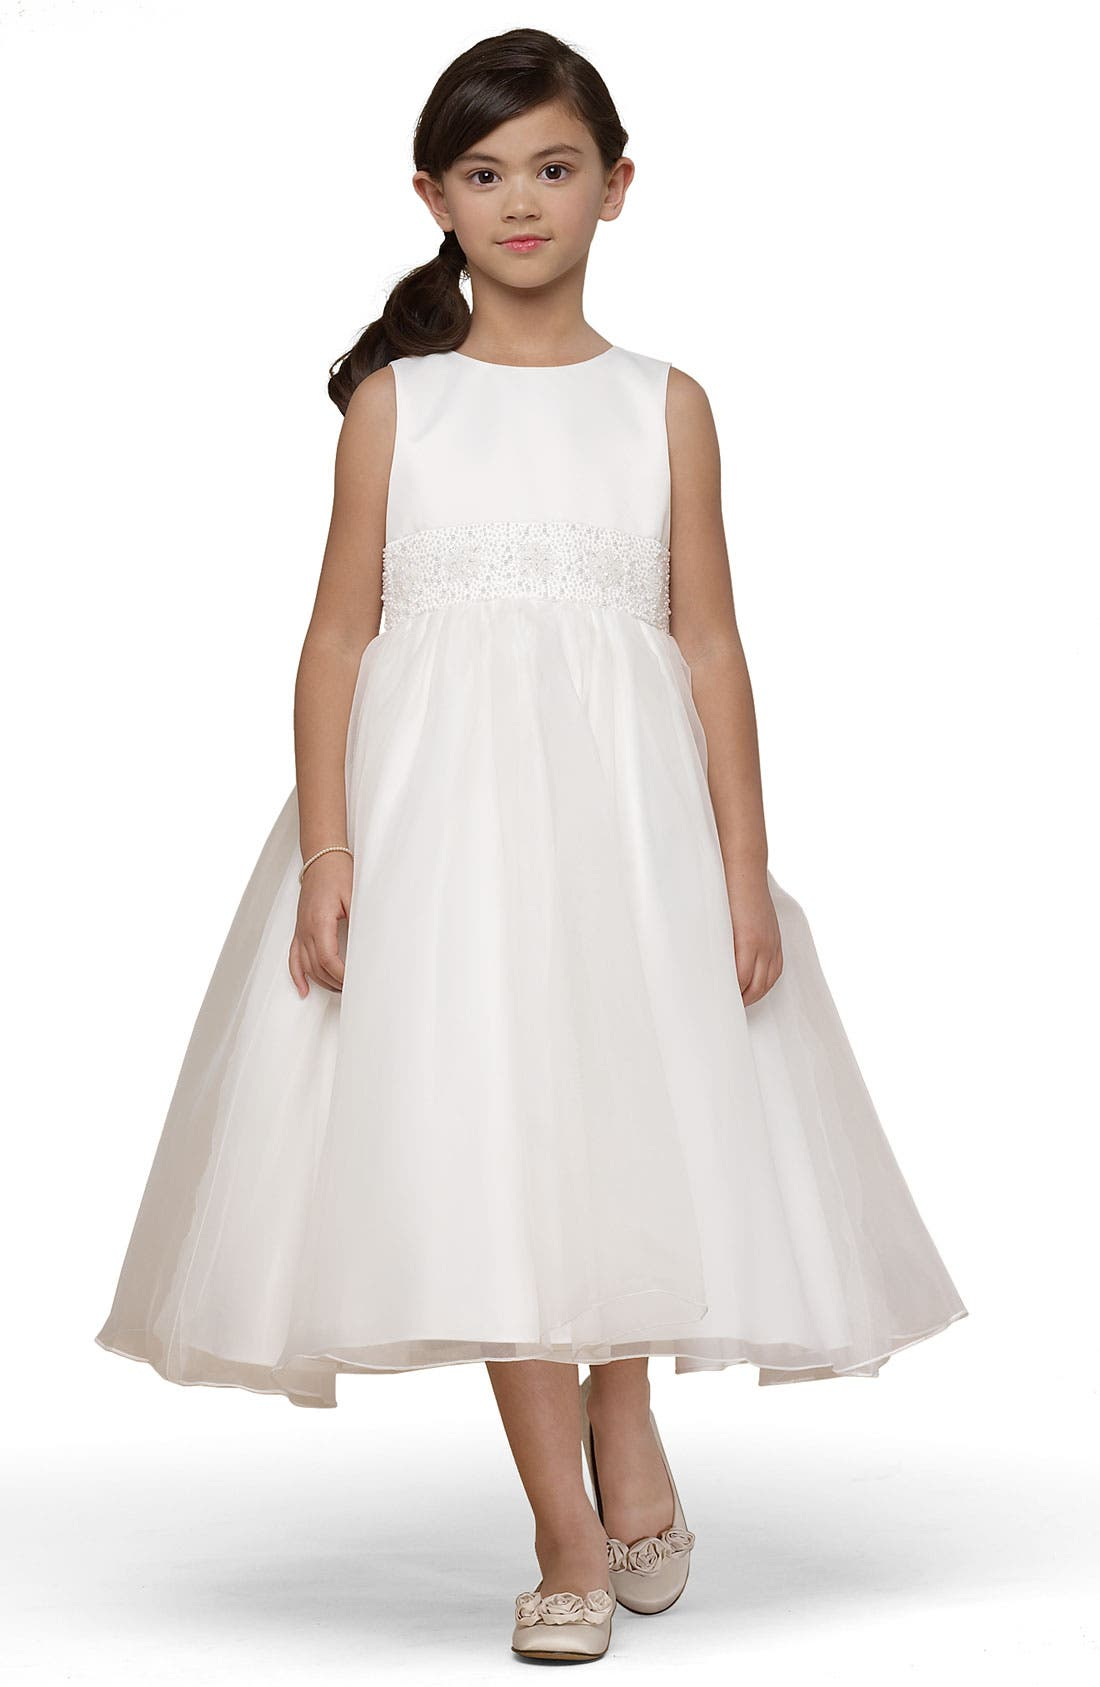 Beaded Satin Sleeveless Dress,                             Main thumbnail 1, color,                             IVORY 2